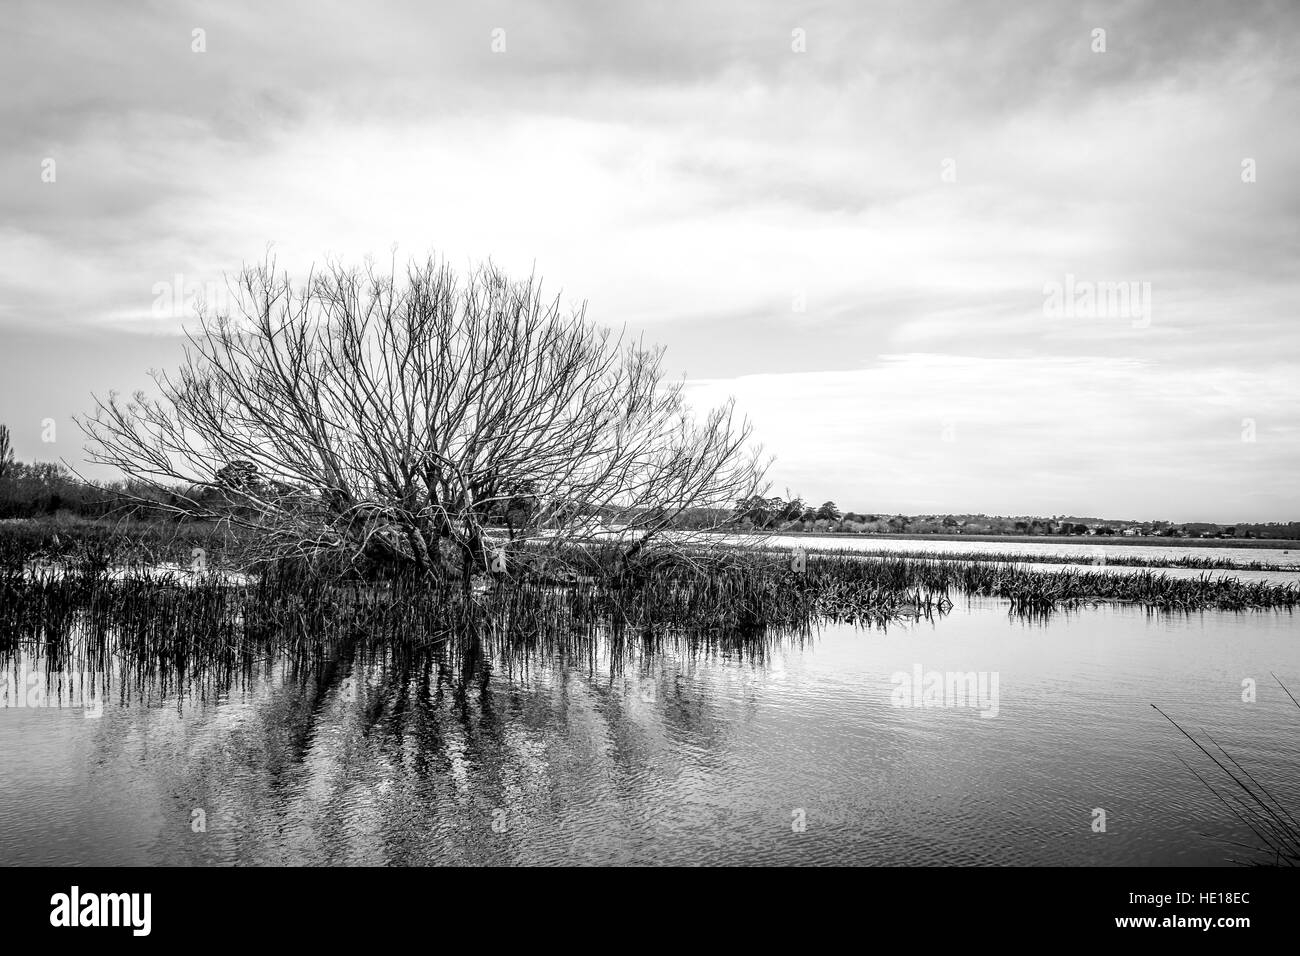 Parzialmente sommerso di struttura e di erbe di acqua in una pioggia-lago gonfie. In bianco e nero. B&W Immagini Stock